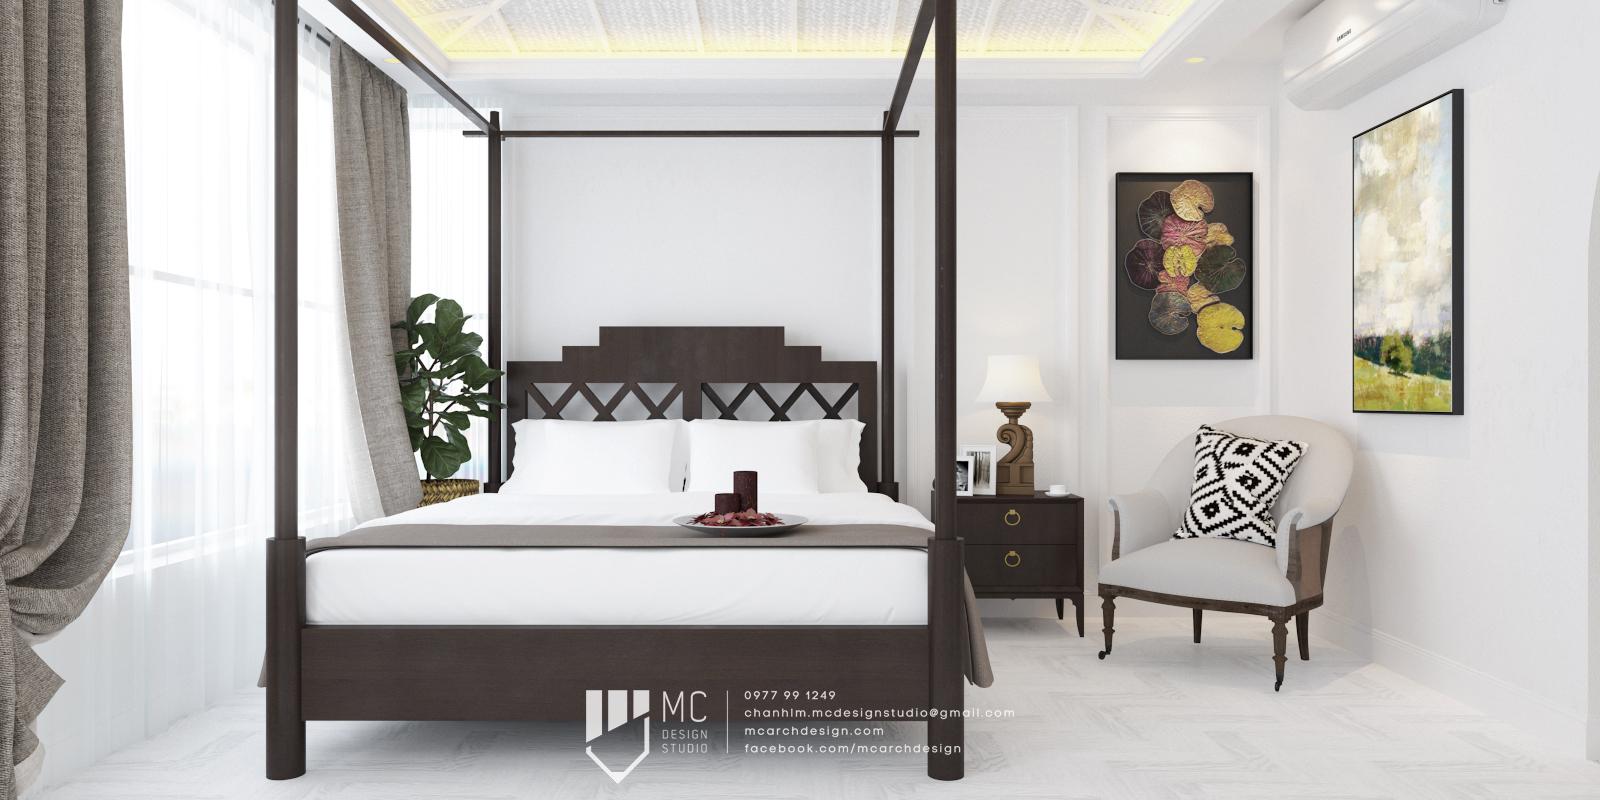 Thiết kế nội thất Chung Cư tại Hồ Chí Minh RIVIERA POINT - 4BS1 1588587334 7